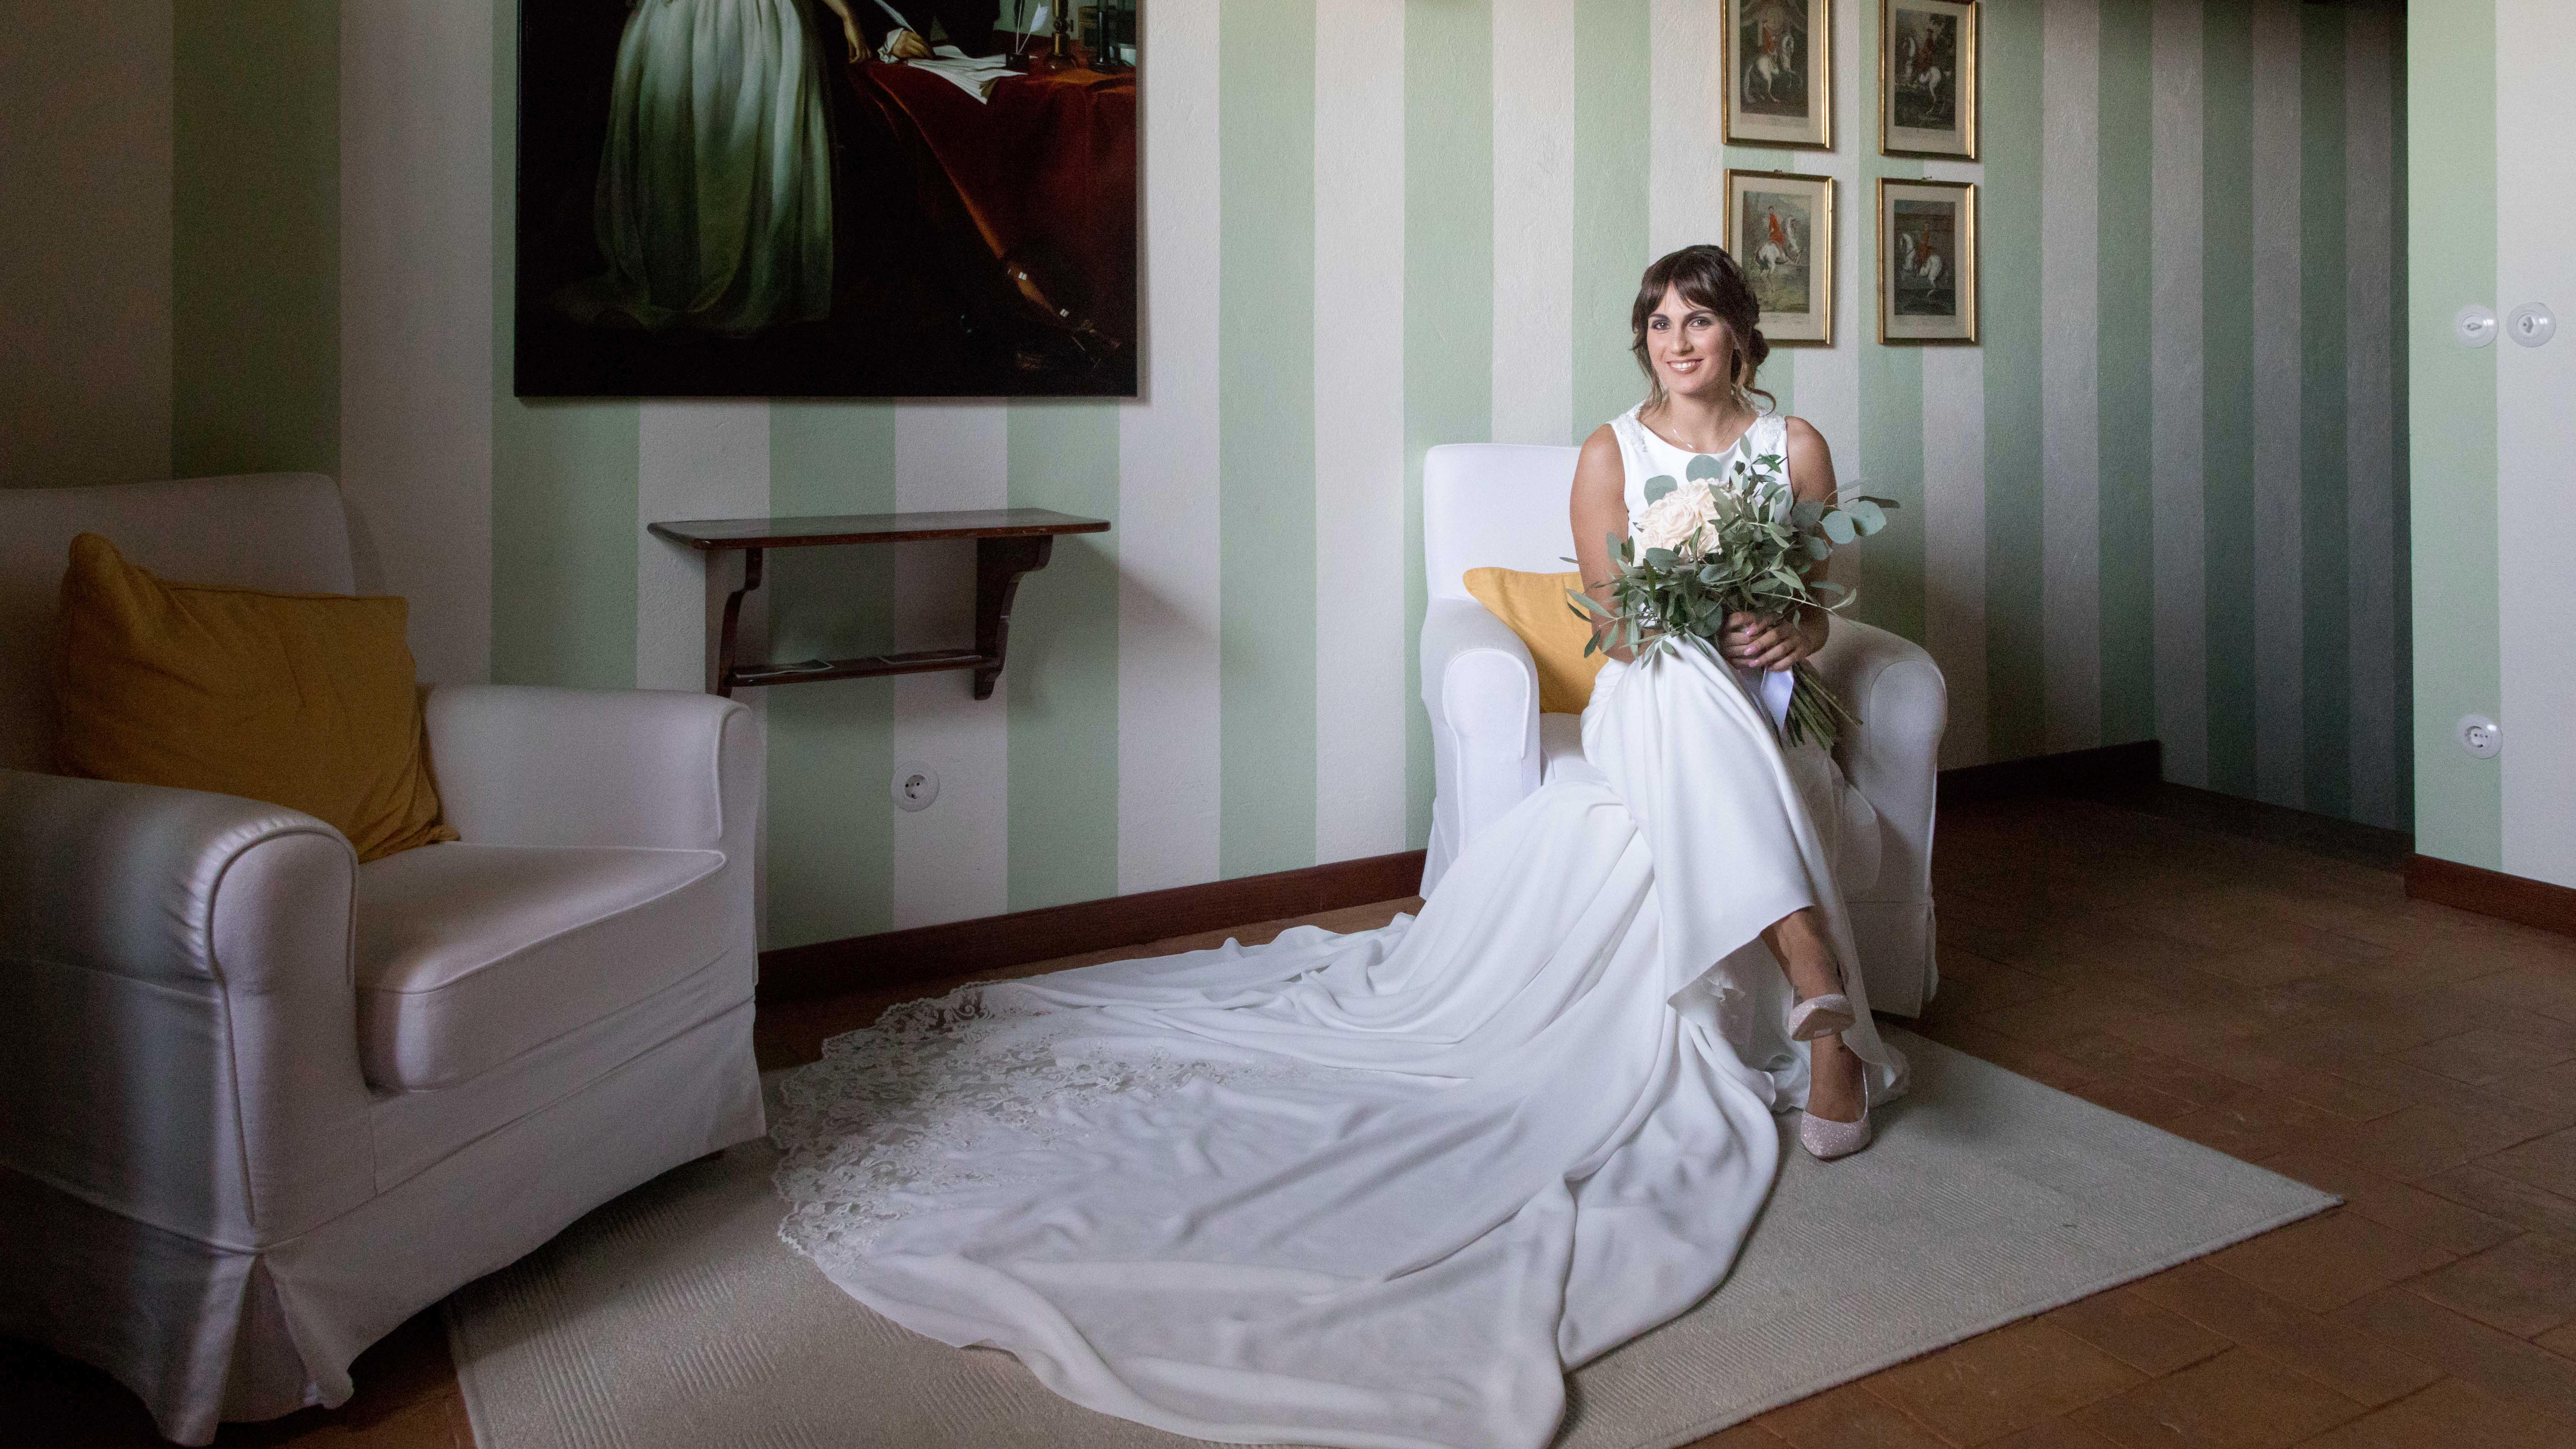 Matrimonio_Sito-31